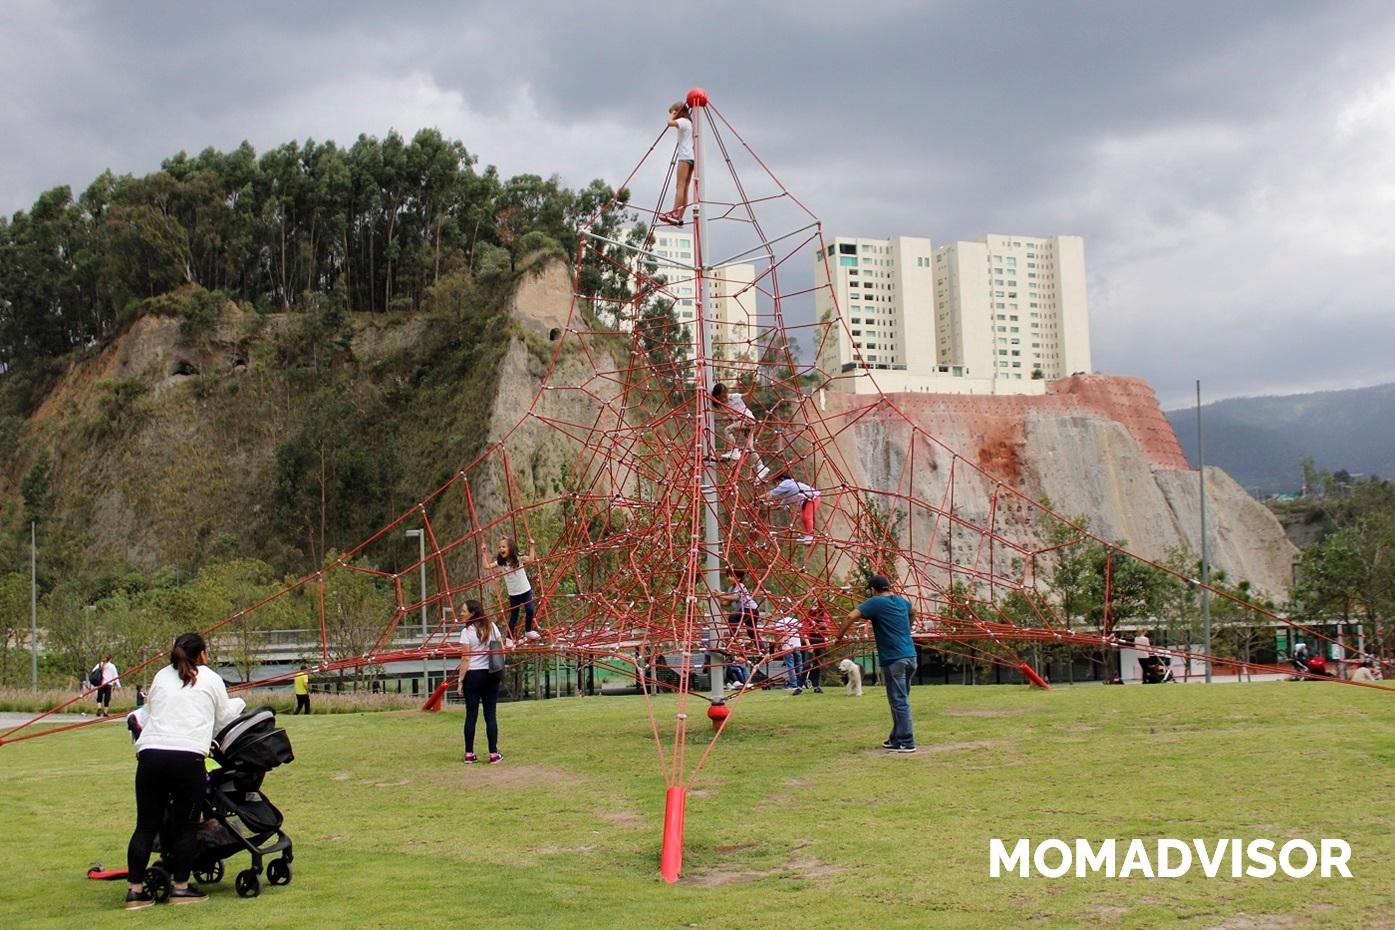 parque-la-mexicana-telaraña-bebe-momadvisor-logo